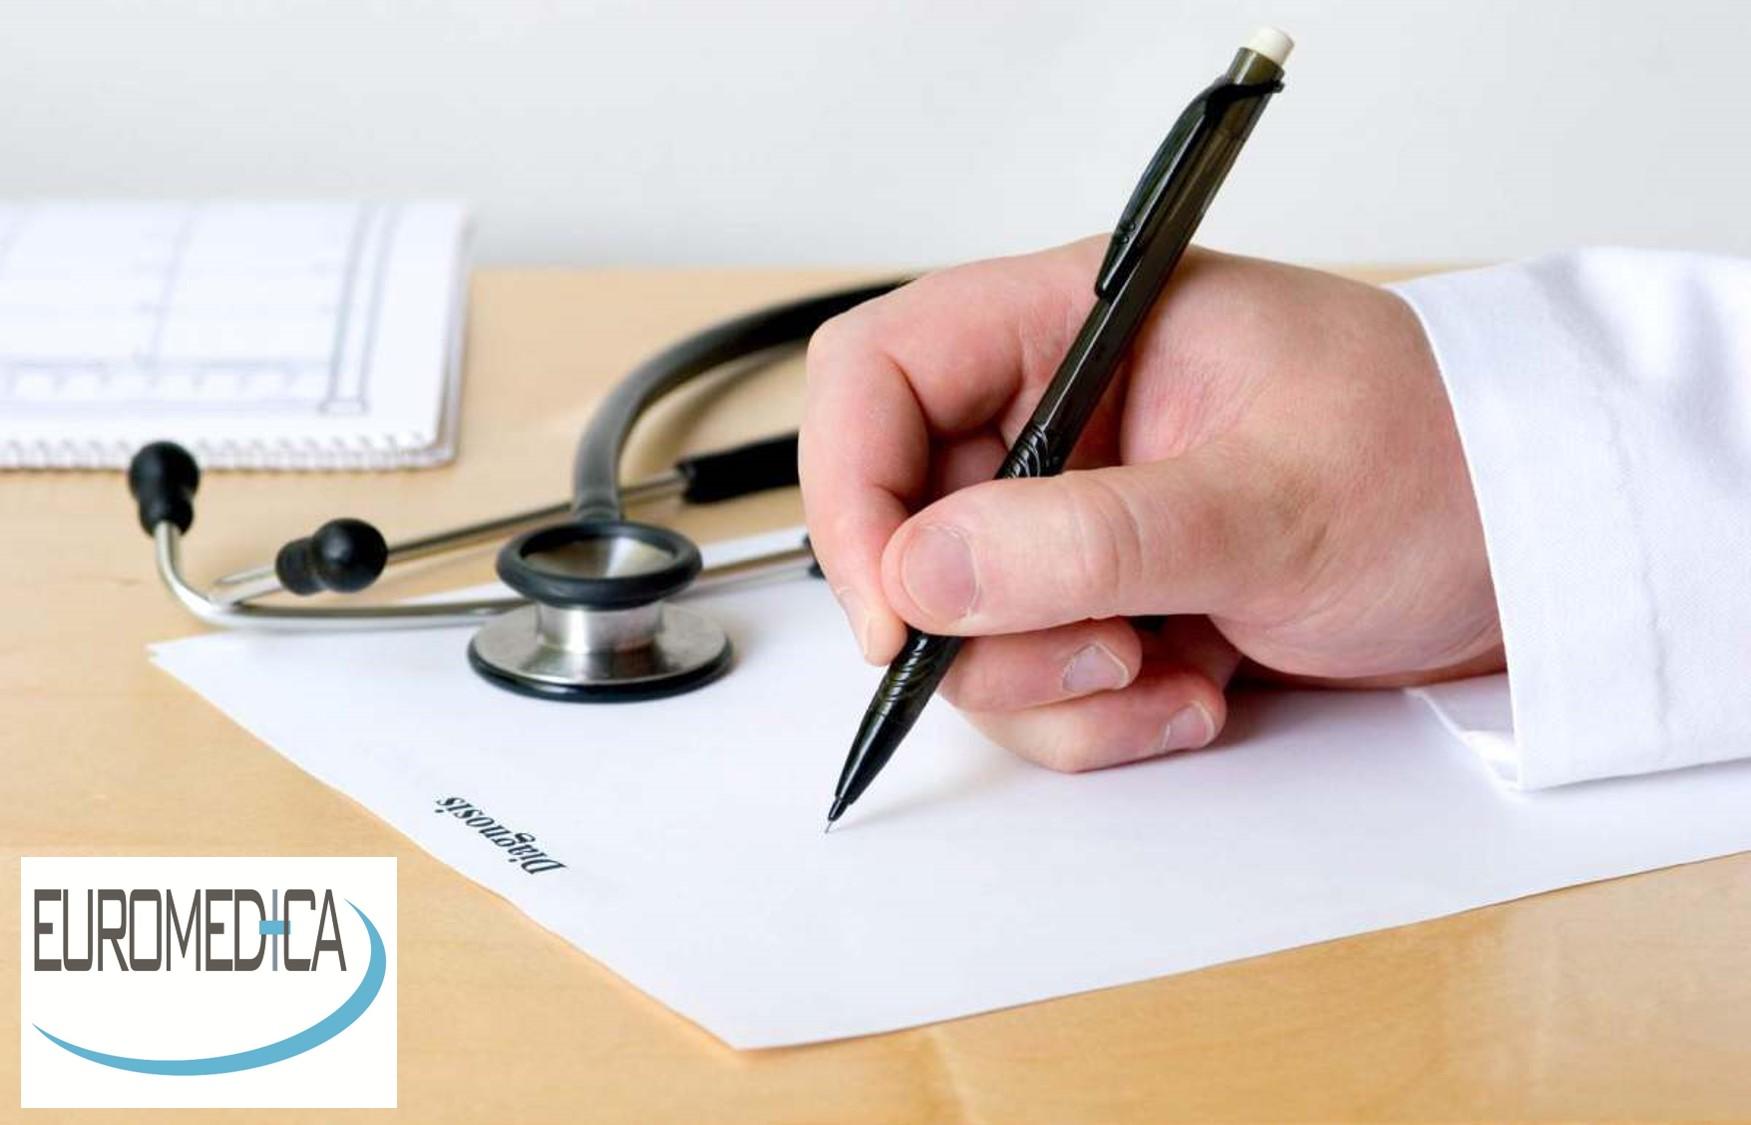 20€ από 50€ για Πλήρες πακέτο εξετάσεων για την Έκδοση Πιστοποιητικού Υγείας (Aκτινογραφία θώρακος, Kαλλιέργεια Κοπράνων, Παρασιτολoγική κοπράνων), στην EUROMEDICA